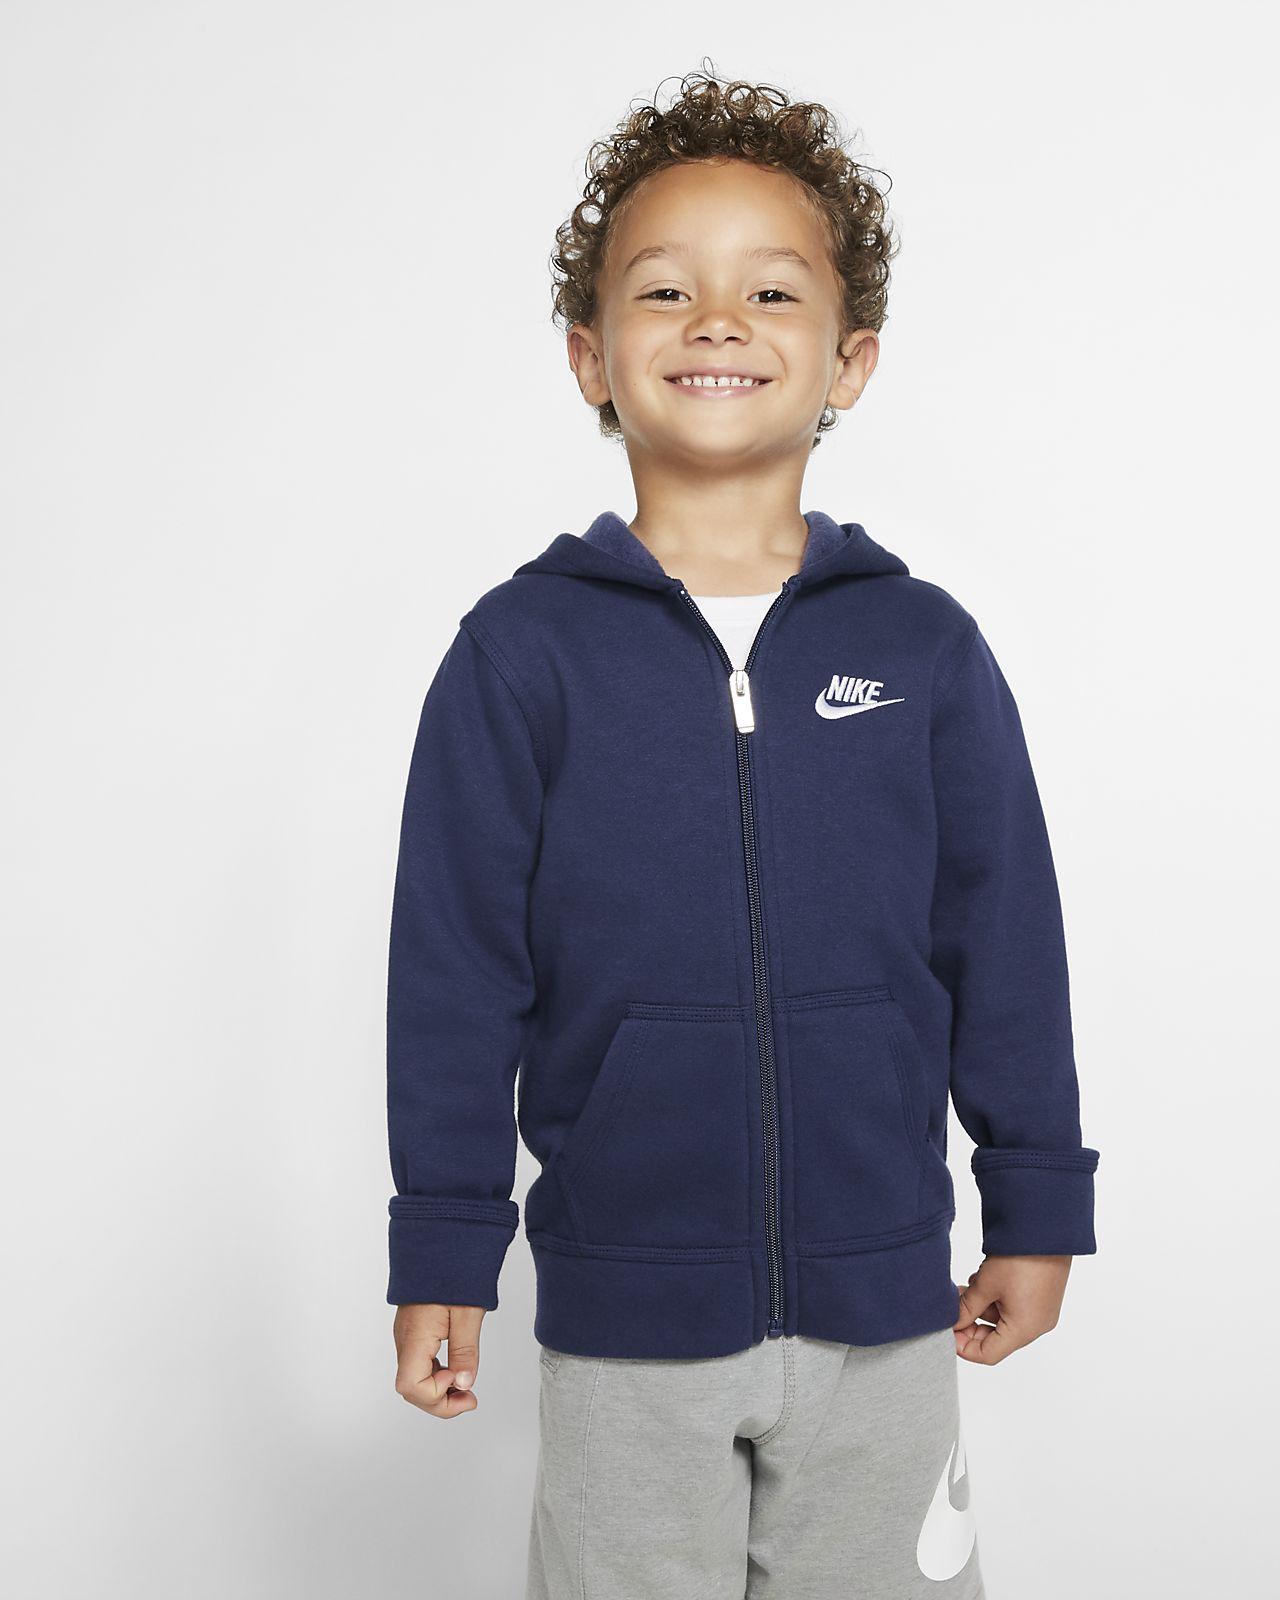 Nike Sportswear Club Fleece Younger Kids' Full-Zip Hoodie